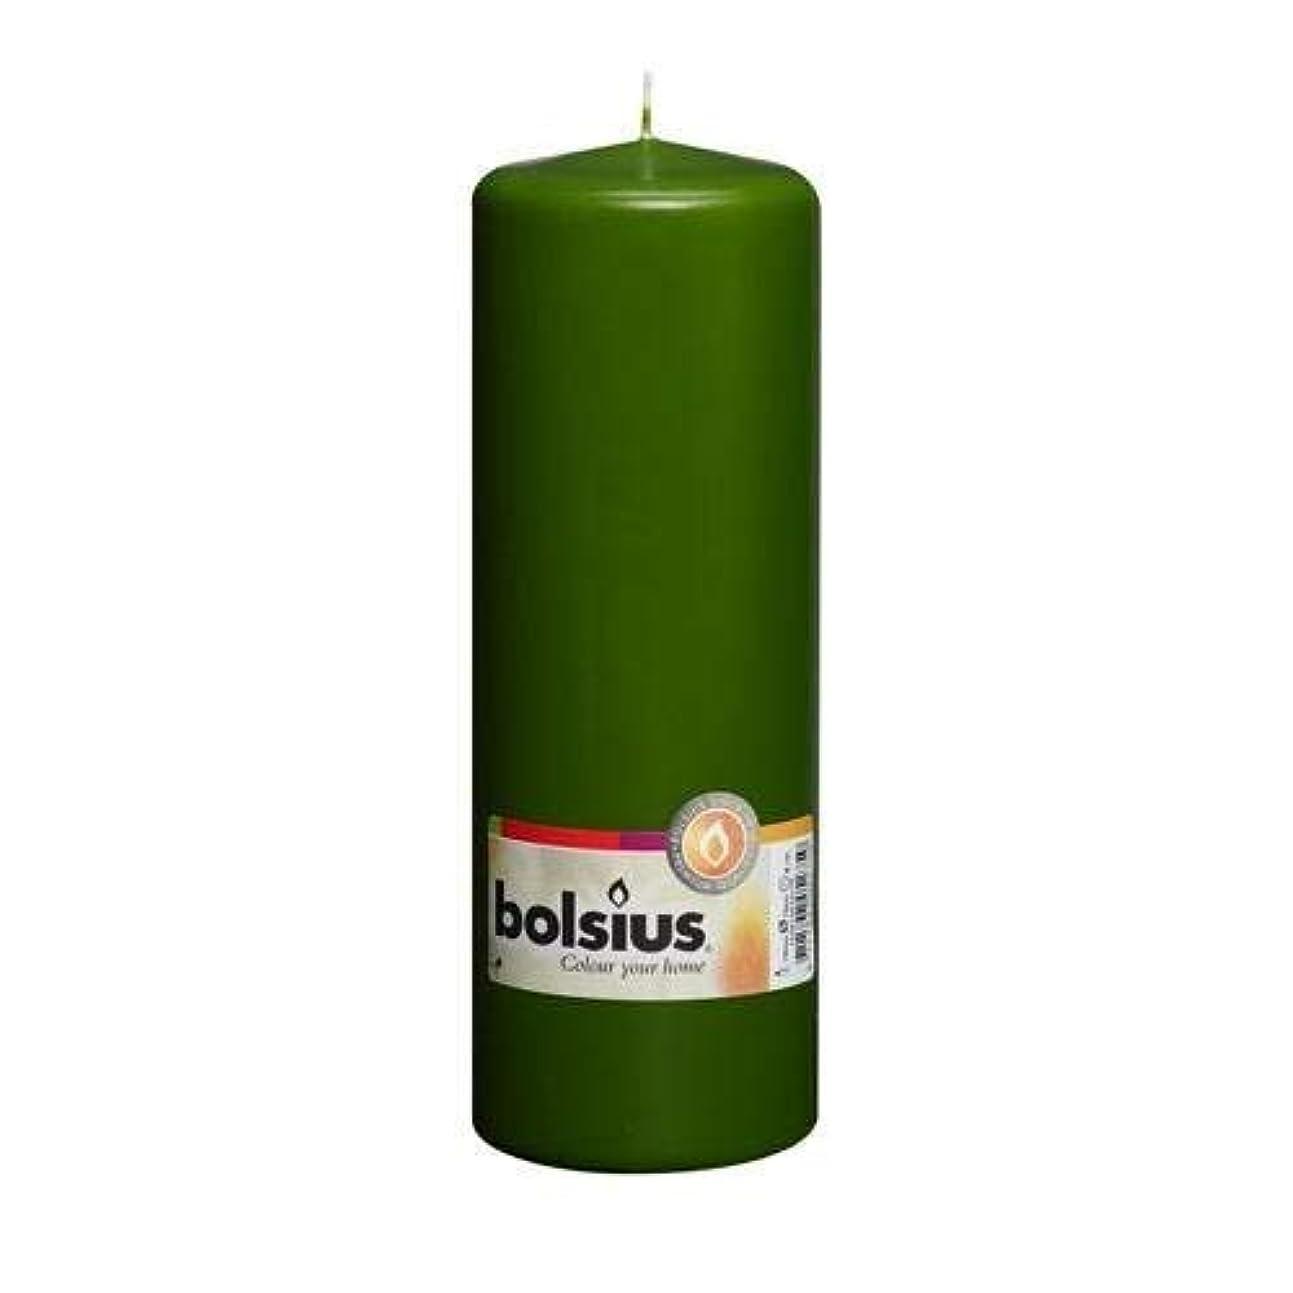 死んでいる一貫性のないダークグリーンPillar Candle – 20 cm x 7 cm